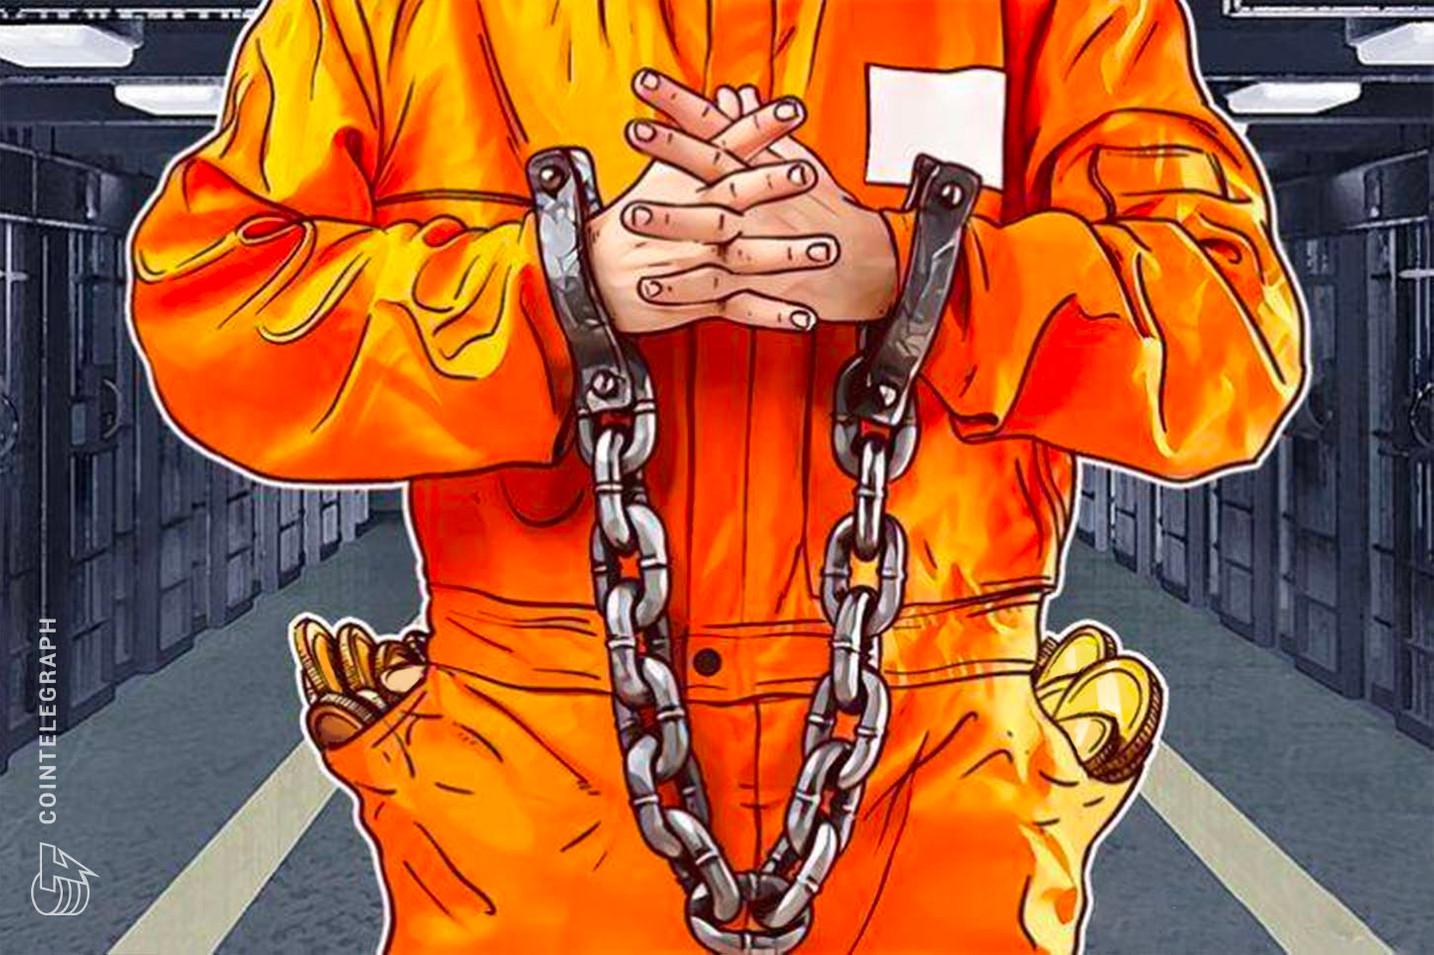 Islandia: Cabecilla en el robo a la minería de Bitcoin encarcelado por más de cuatro años